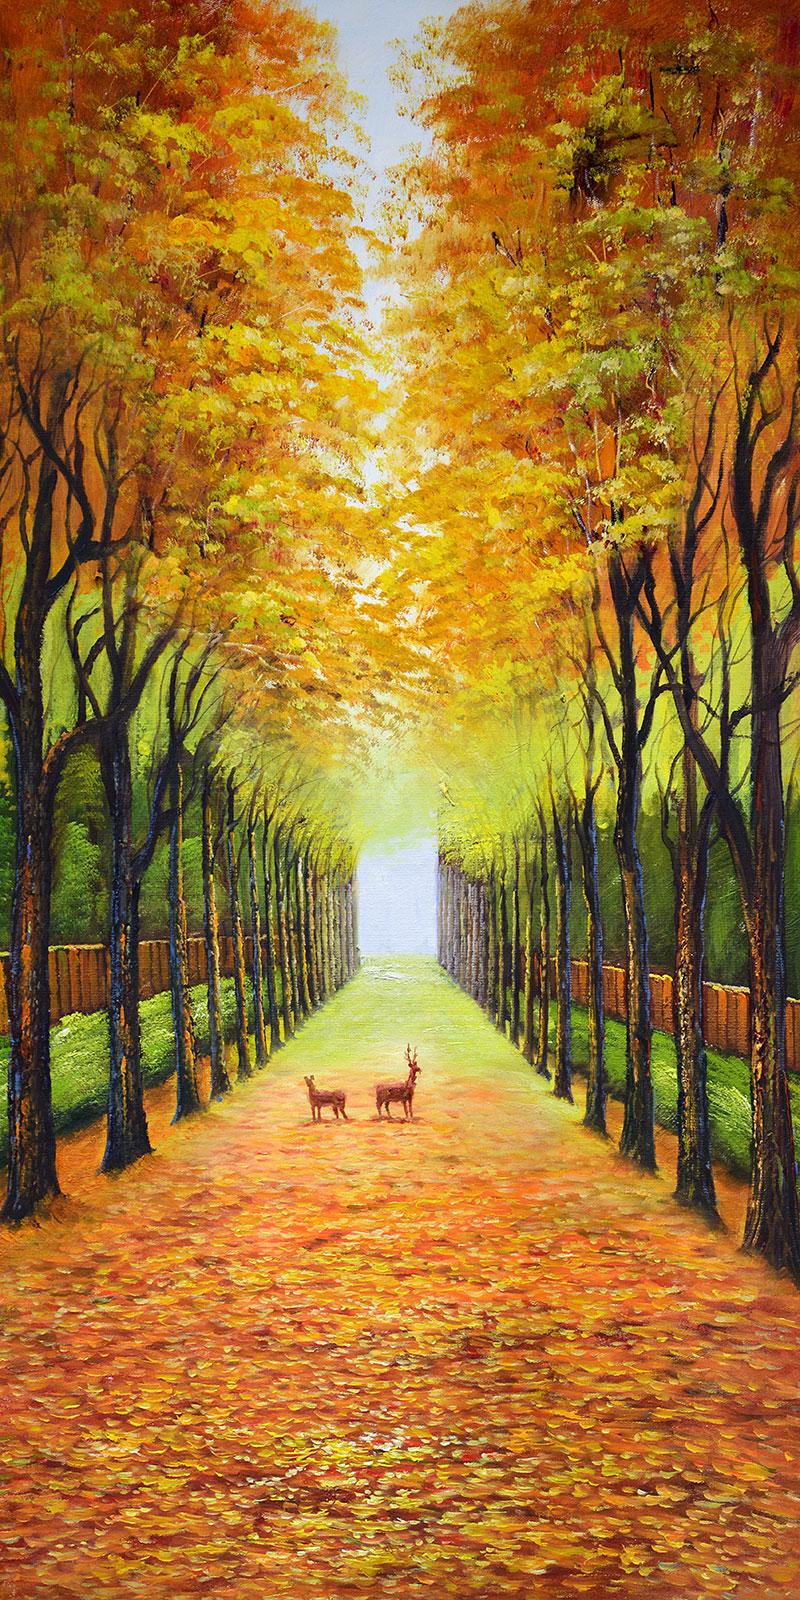 壁纸 风景 森林 桌面 800_1600 竖版 竖屏 手机